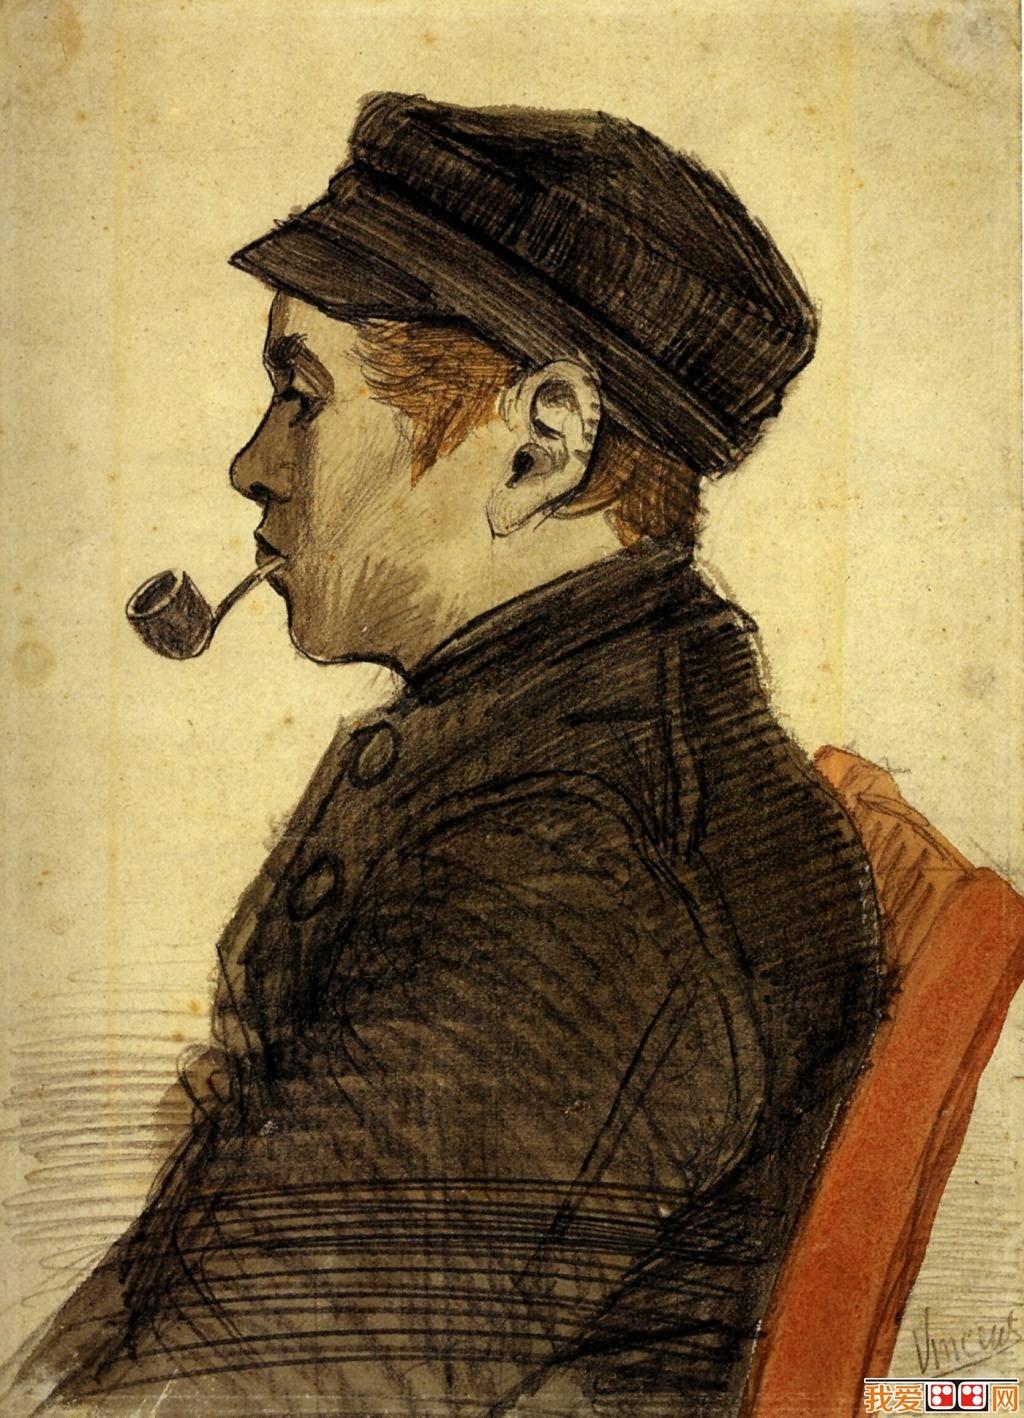 印象派画家梵高人物肖像油画作品欣赏 2